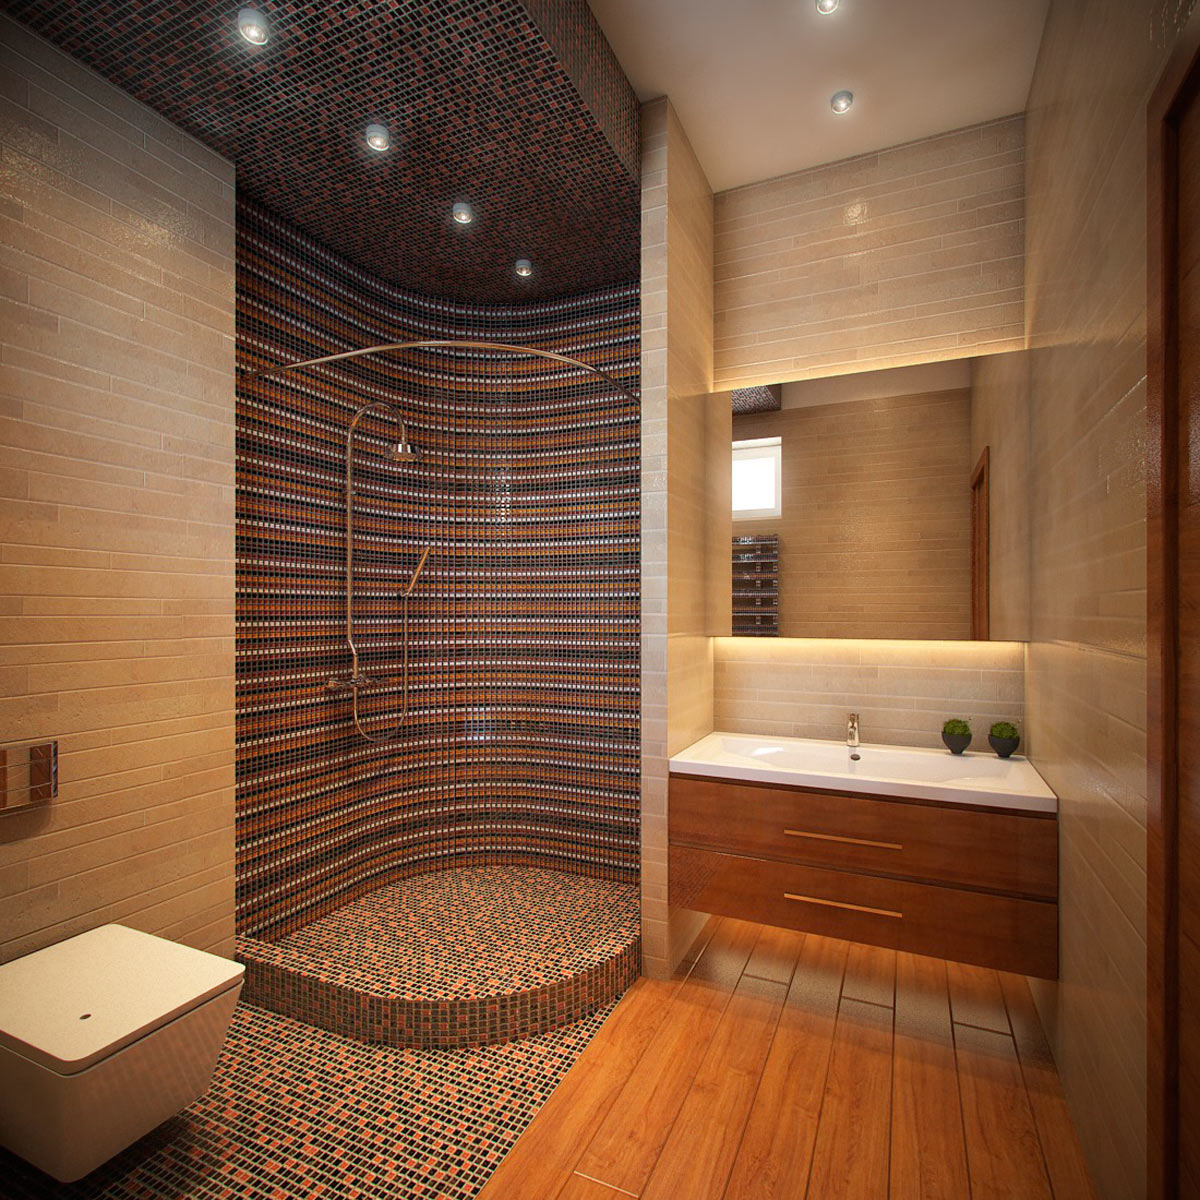 фото ванна и туалет совместный наклонный потолок